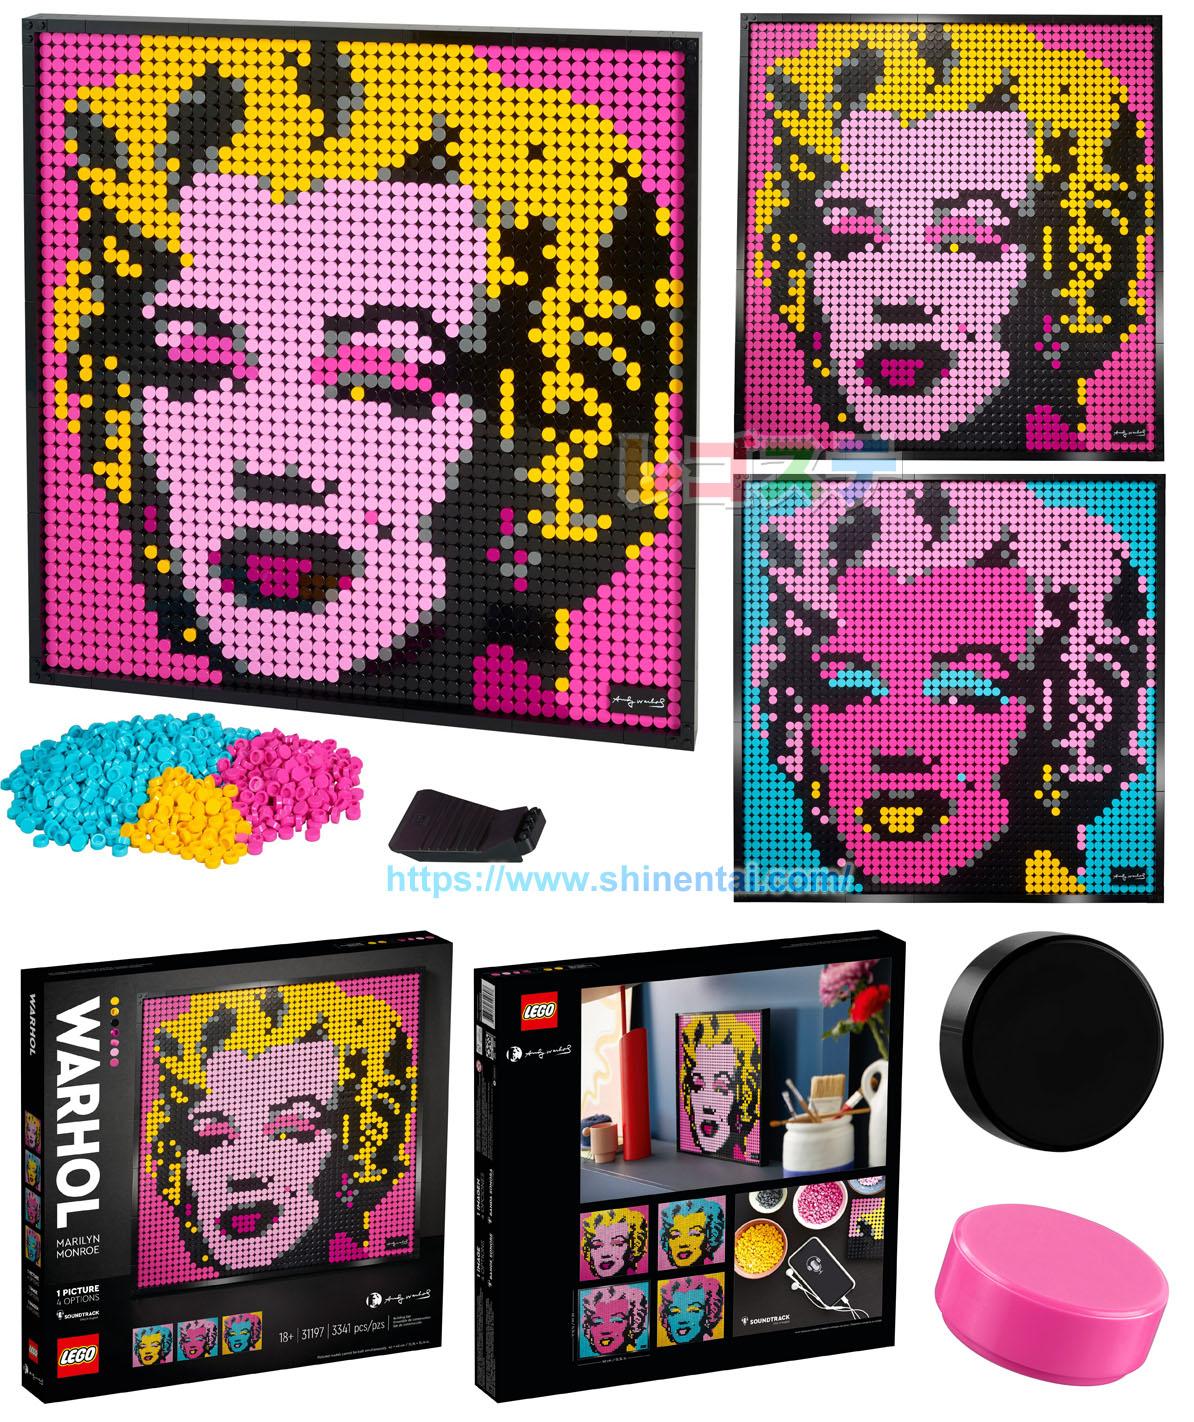 31197 アンディ・ウォーホル:マリリン・モンロー:Andy Warhol's Marilyn Monroed